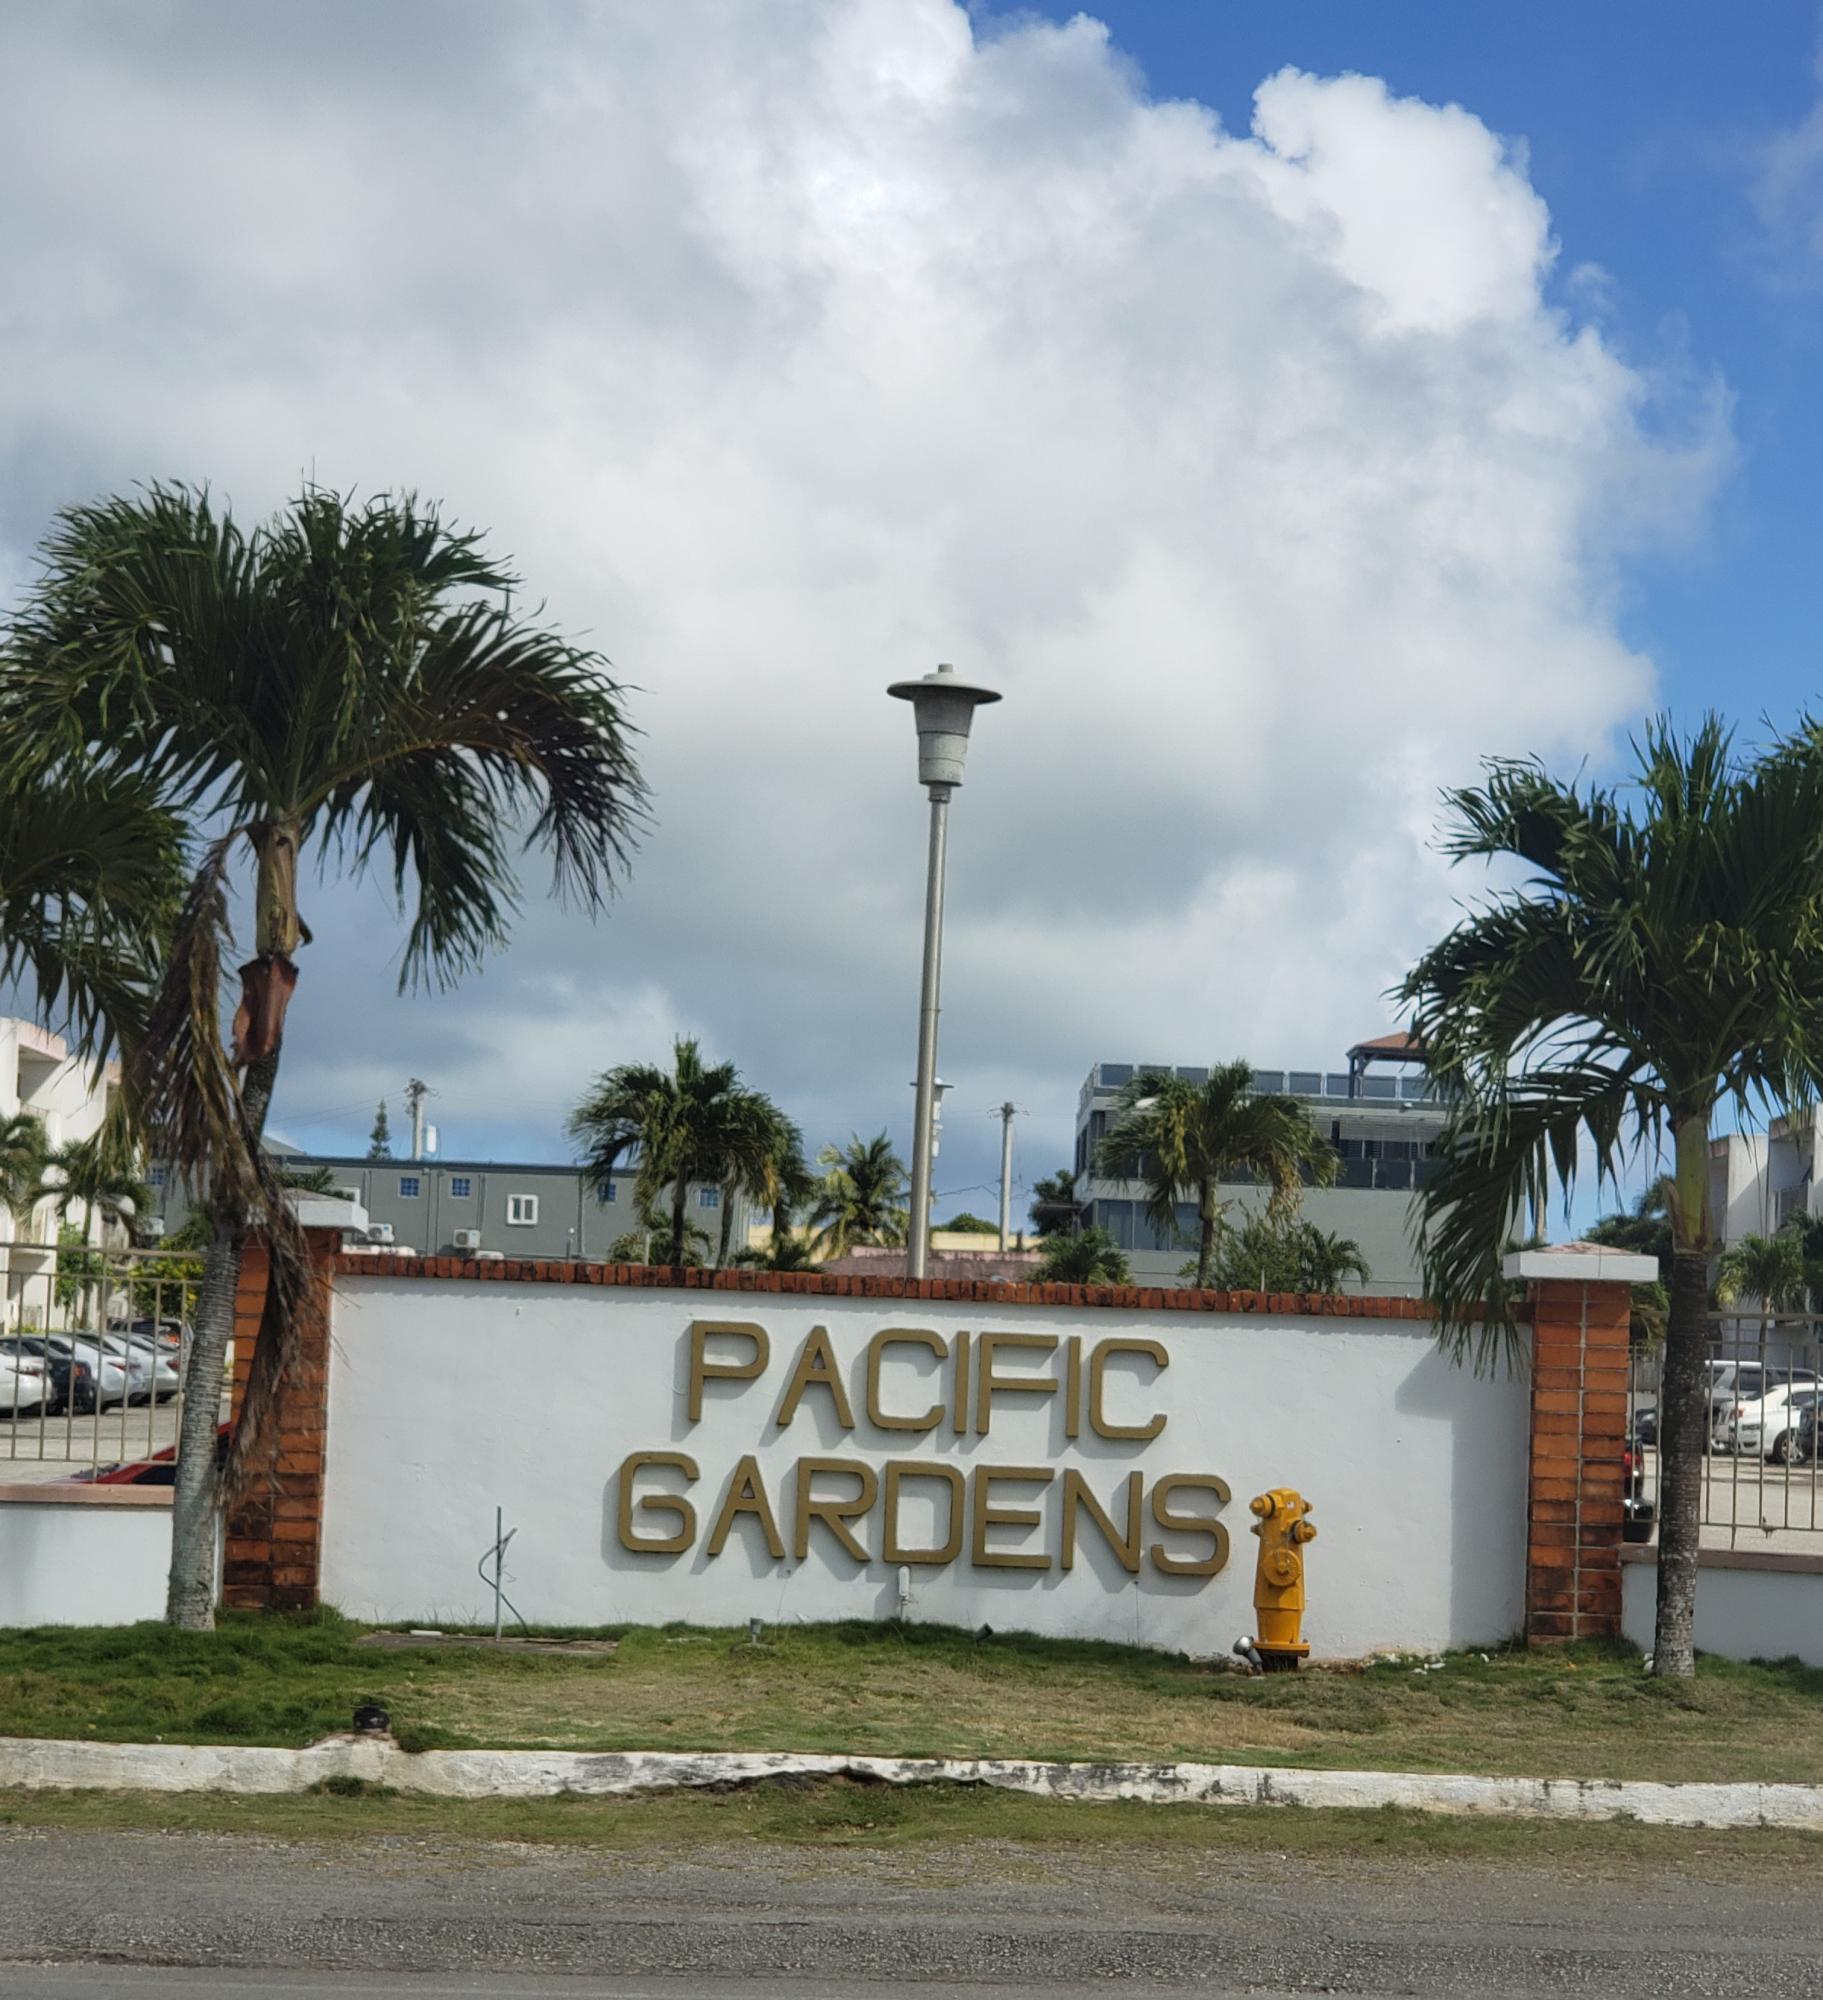 macheche Road 12c, Pacific Gardens Condo-Dededo, Dededo, GU 96929